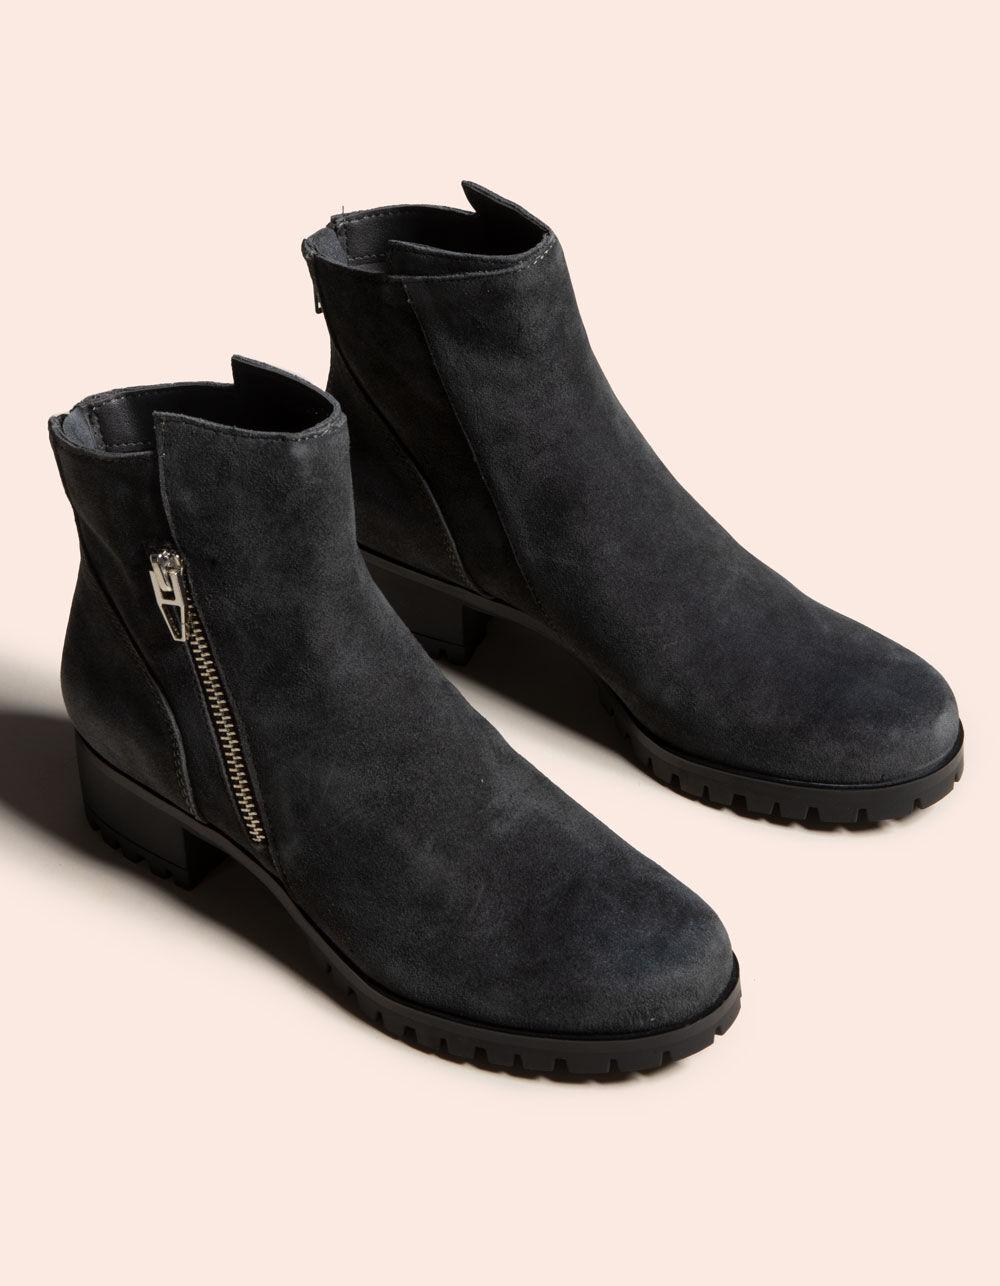 DOLCE VITA Precia Anthracite Suede Boots